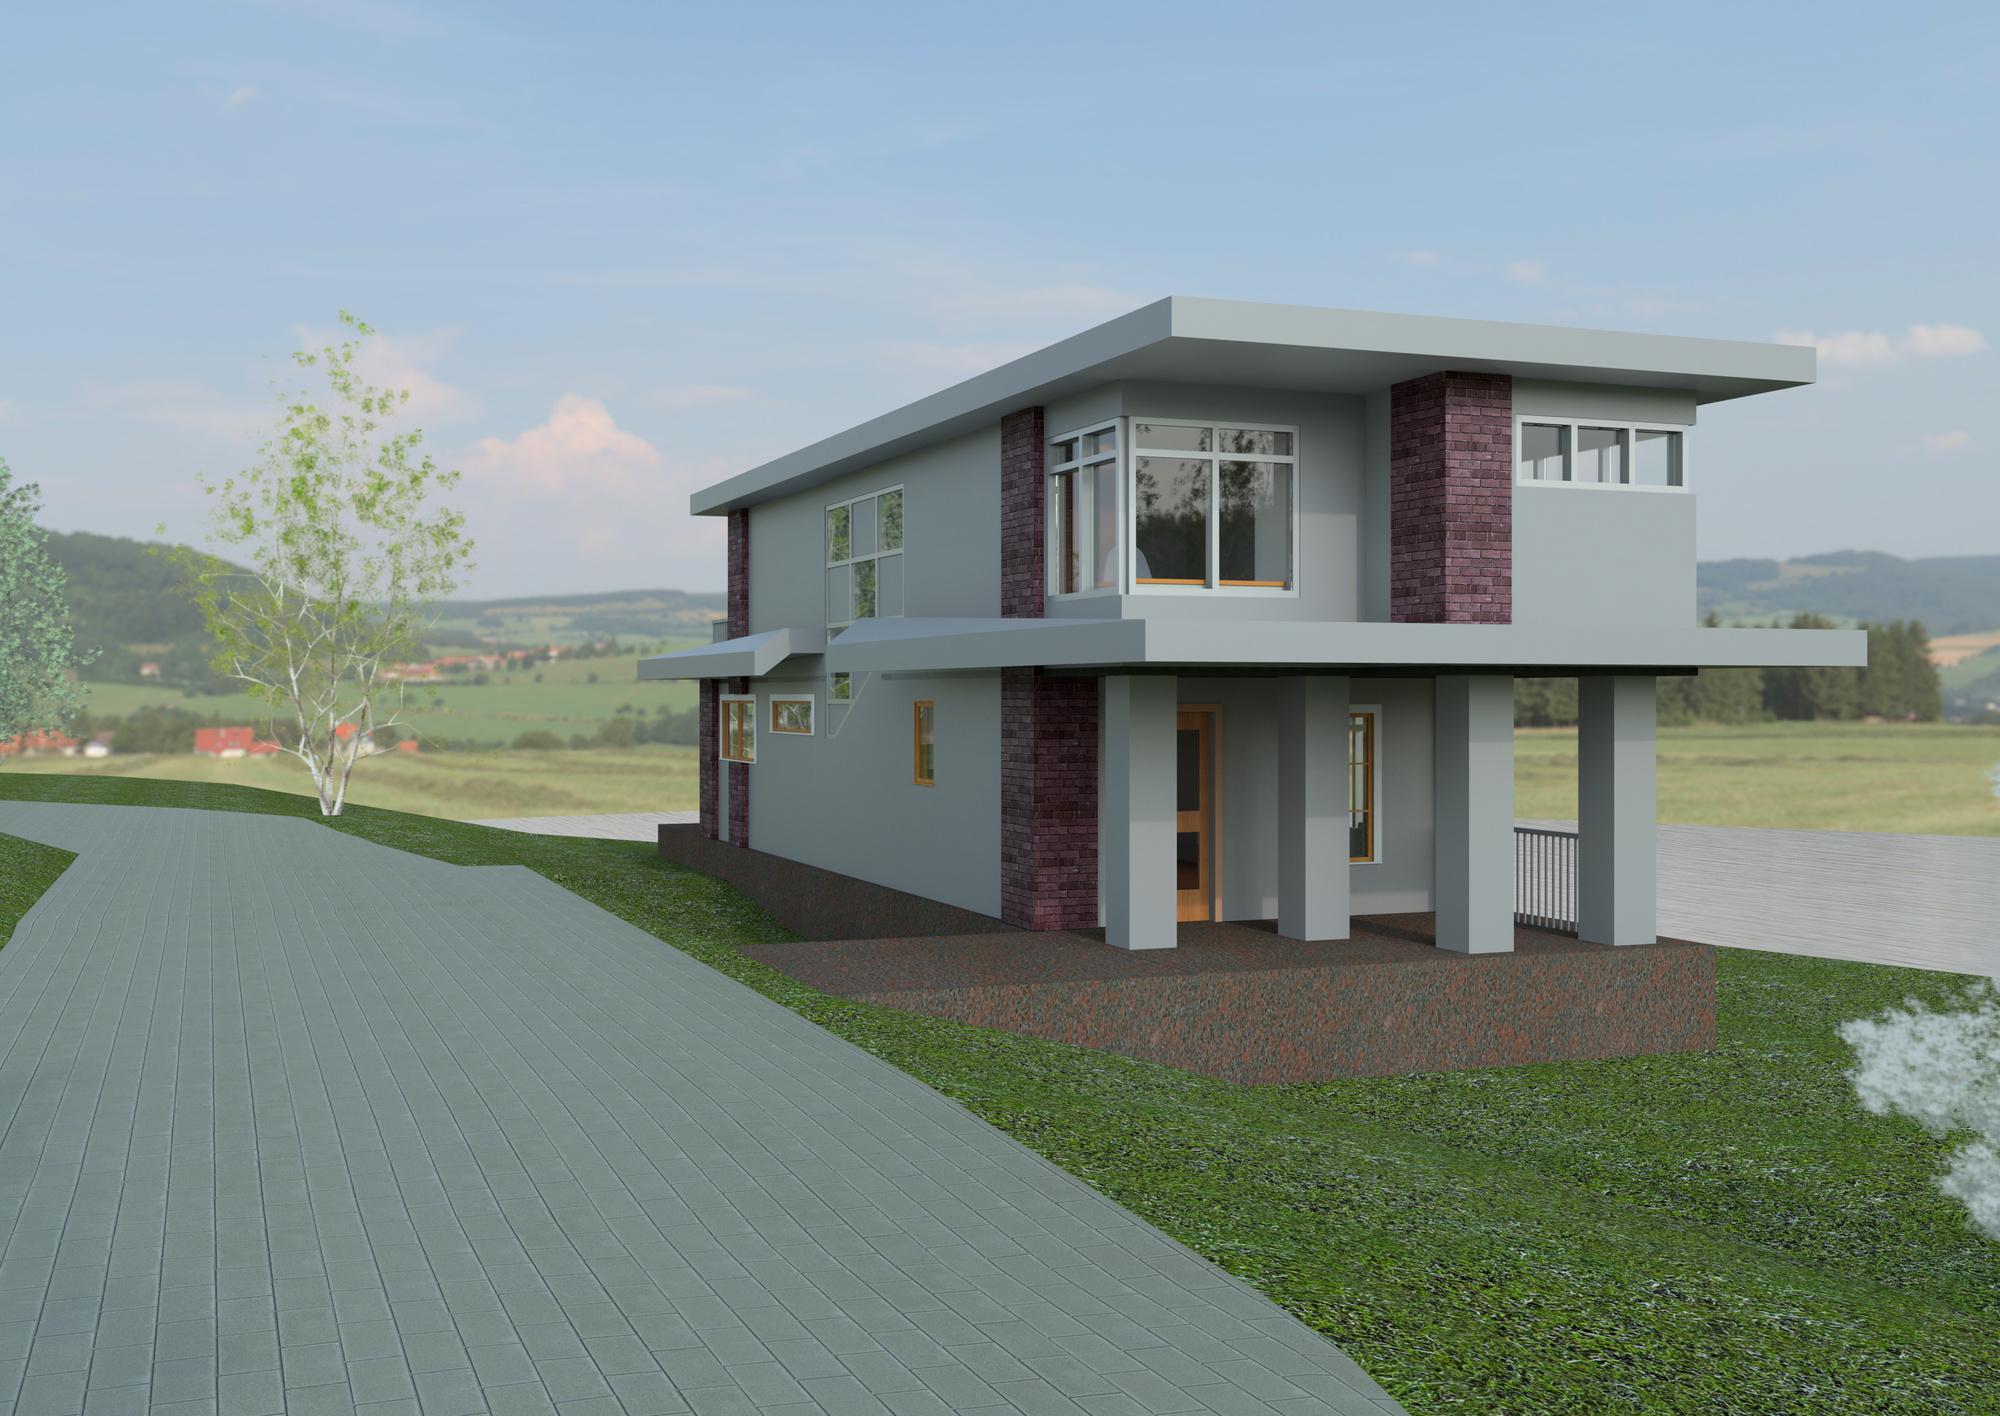 Raas-rendering20150207-12014-ev5elj